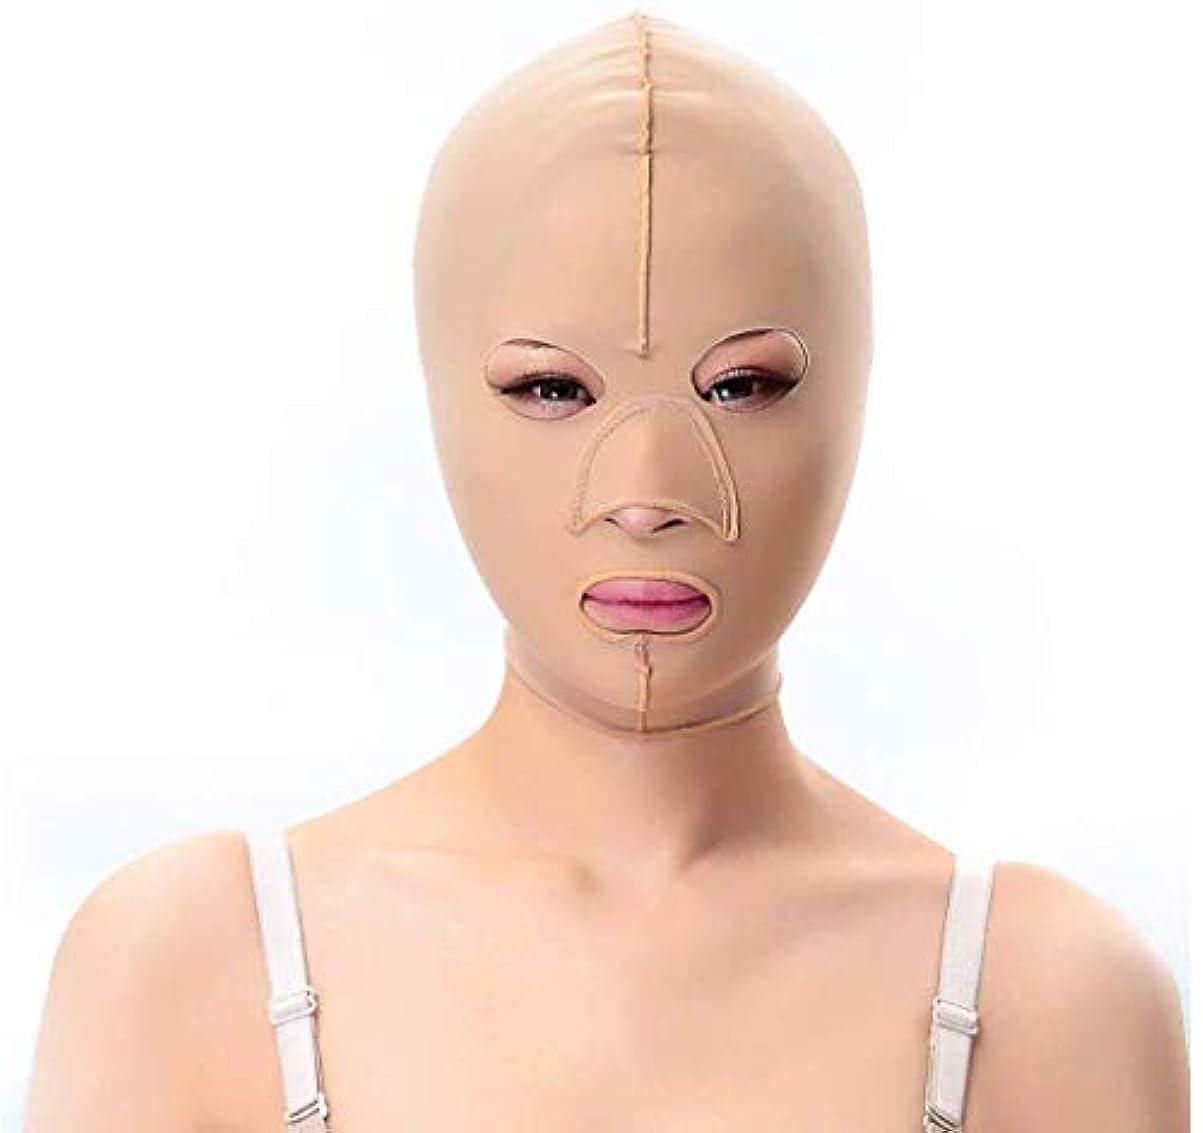 狂気ゲートウェイ同種のスリミングVフェイスマスク、スリミングベルト、フェイシャルマスク薄いフェイスマスクから布パターンを持ち上げるダブルチンファーミングフェイシャルプラスチックフェイスアーティファクト強力なフェイスバンデージ(サイズ:M)